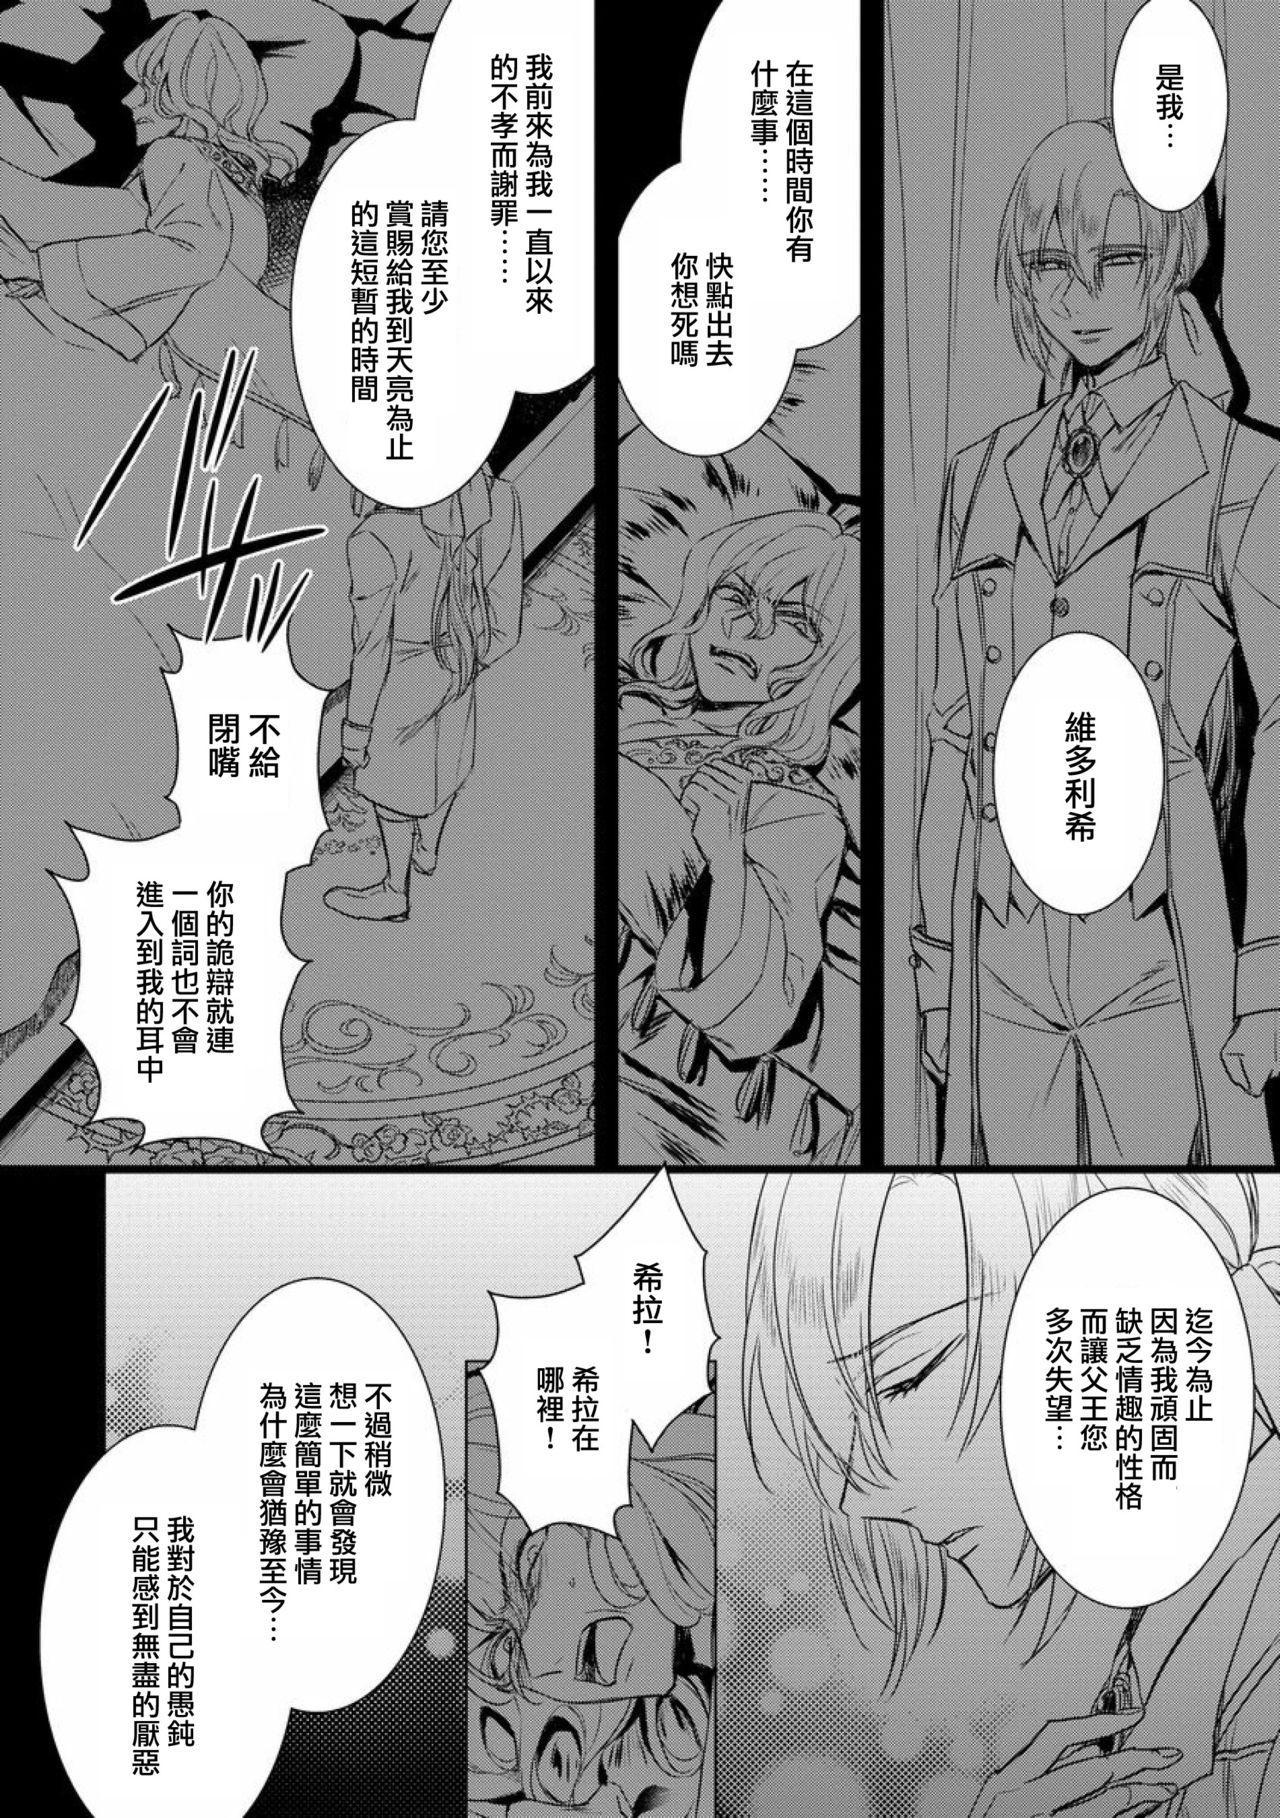 [Saotome Mokono] Kyououji no Ibitsu na Shuuai ~Nyotaika Knight no Totsukitooka~ Ch. 12 [Chinese] [瑞树汉化组] [Digital] 13